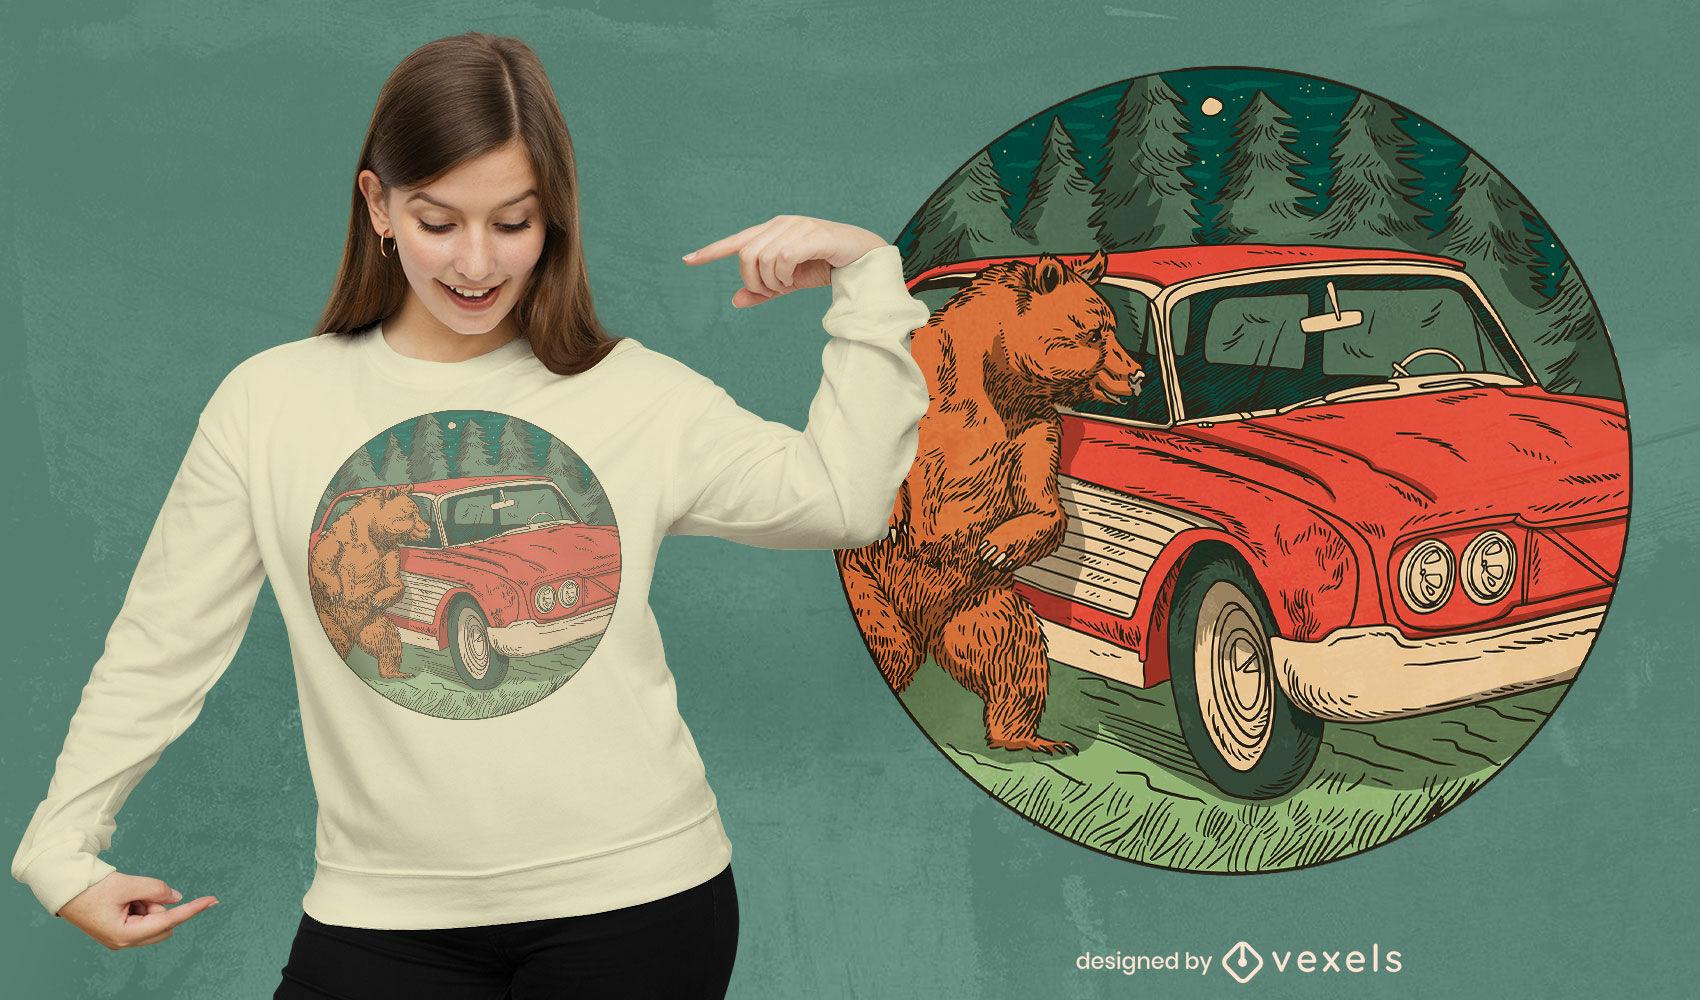 Dise?o de camiseta de oso y coche.